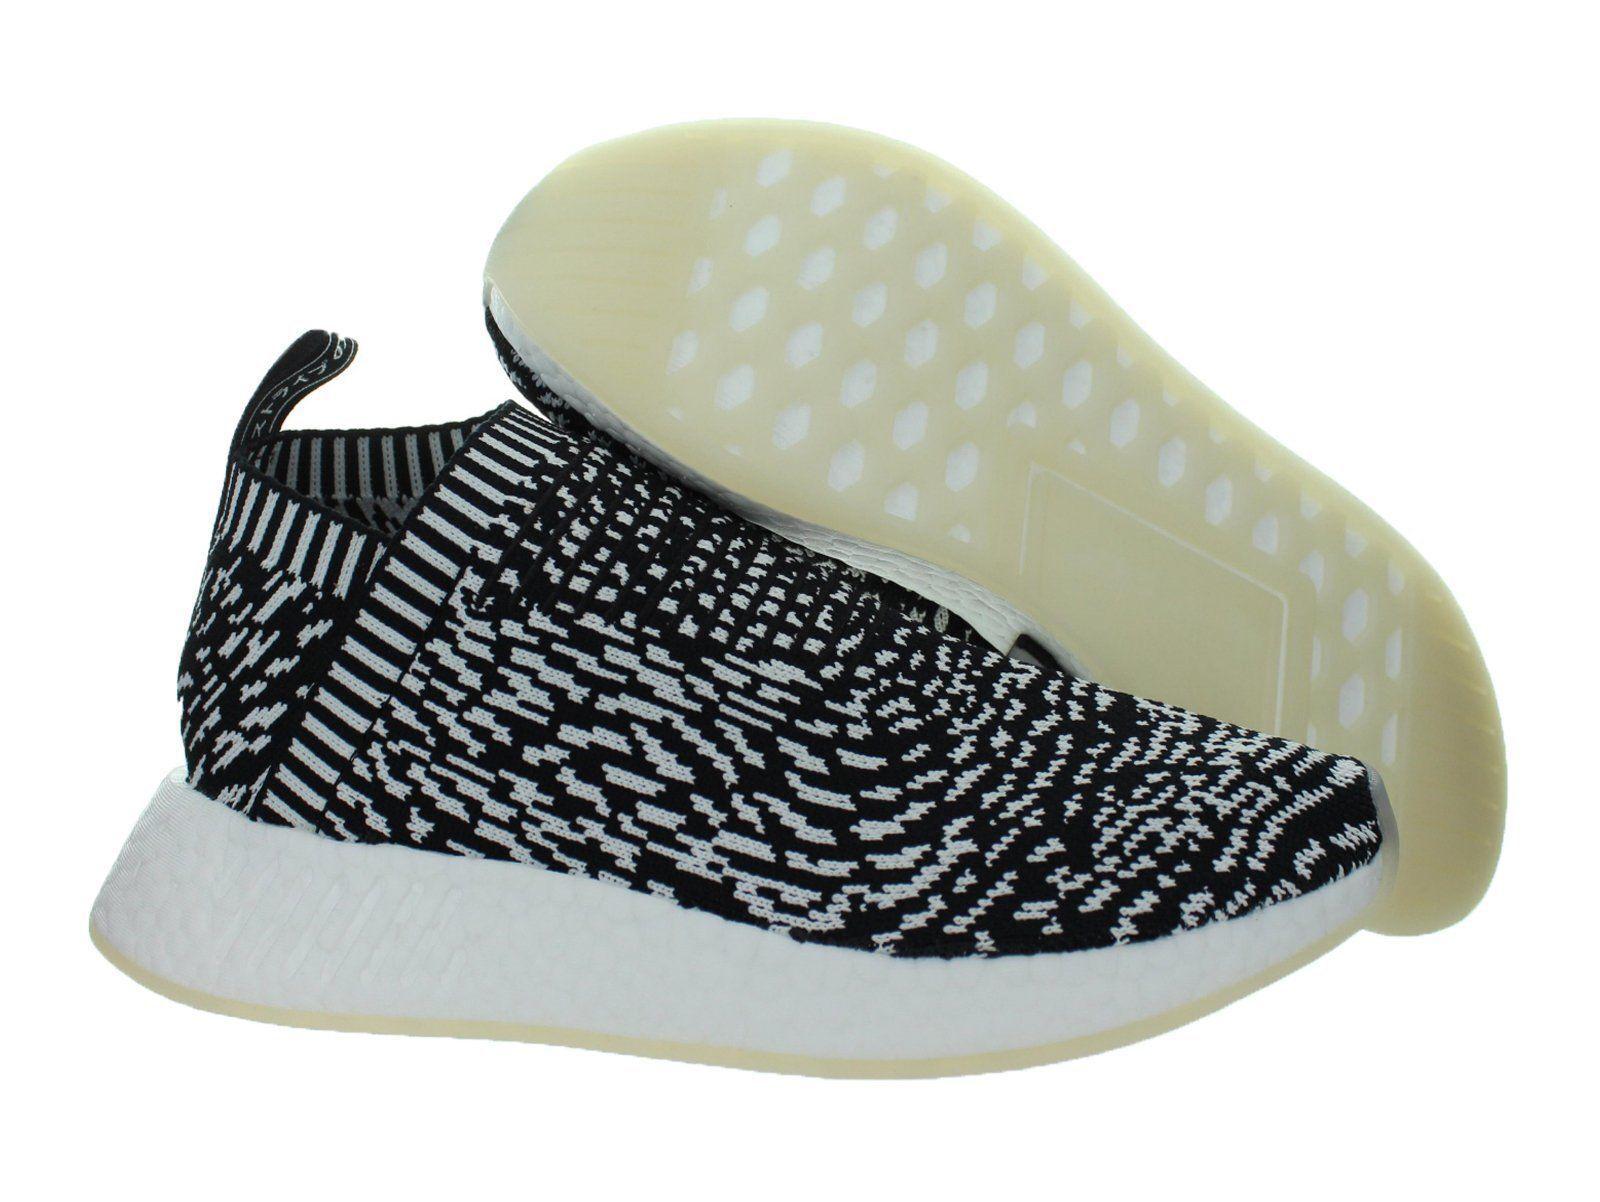 Adidas Black NMD_CS2 Primeknit City Sock 2 Sashiko Core Black Adidas White BY3012 Mens Shoes bdfdda